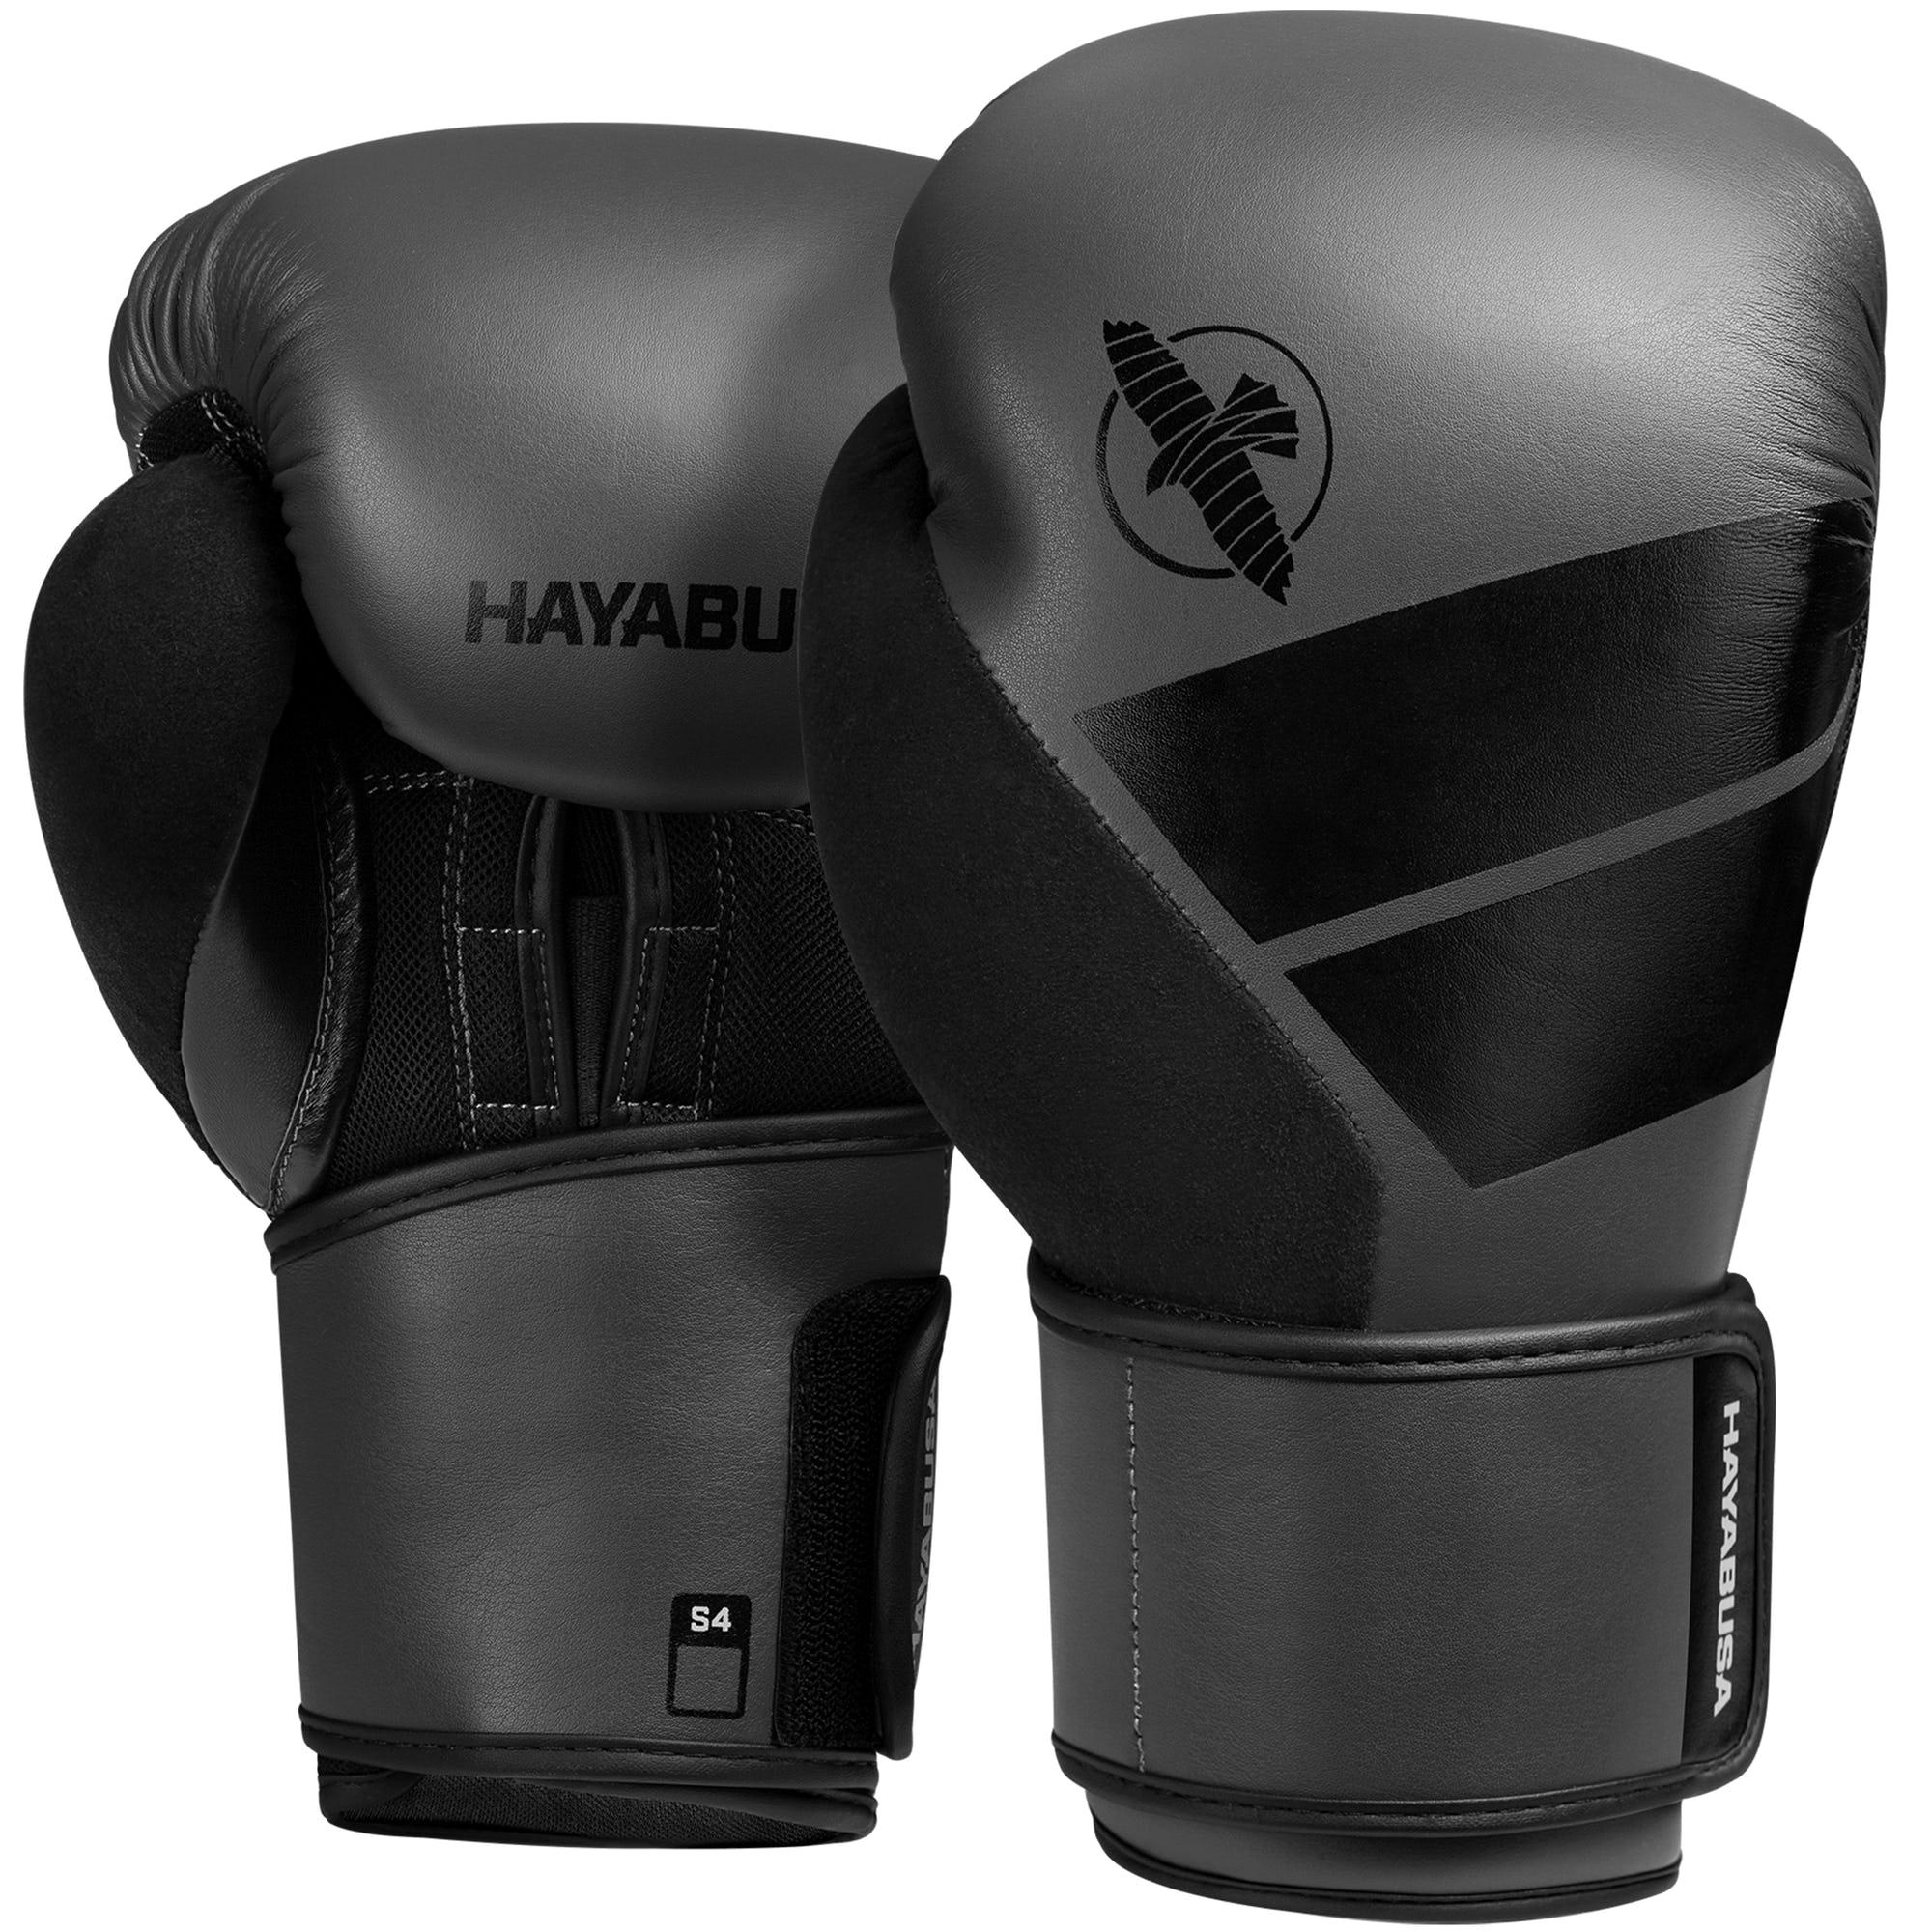 Hayabusa S4 Boxing Glove Kit